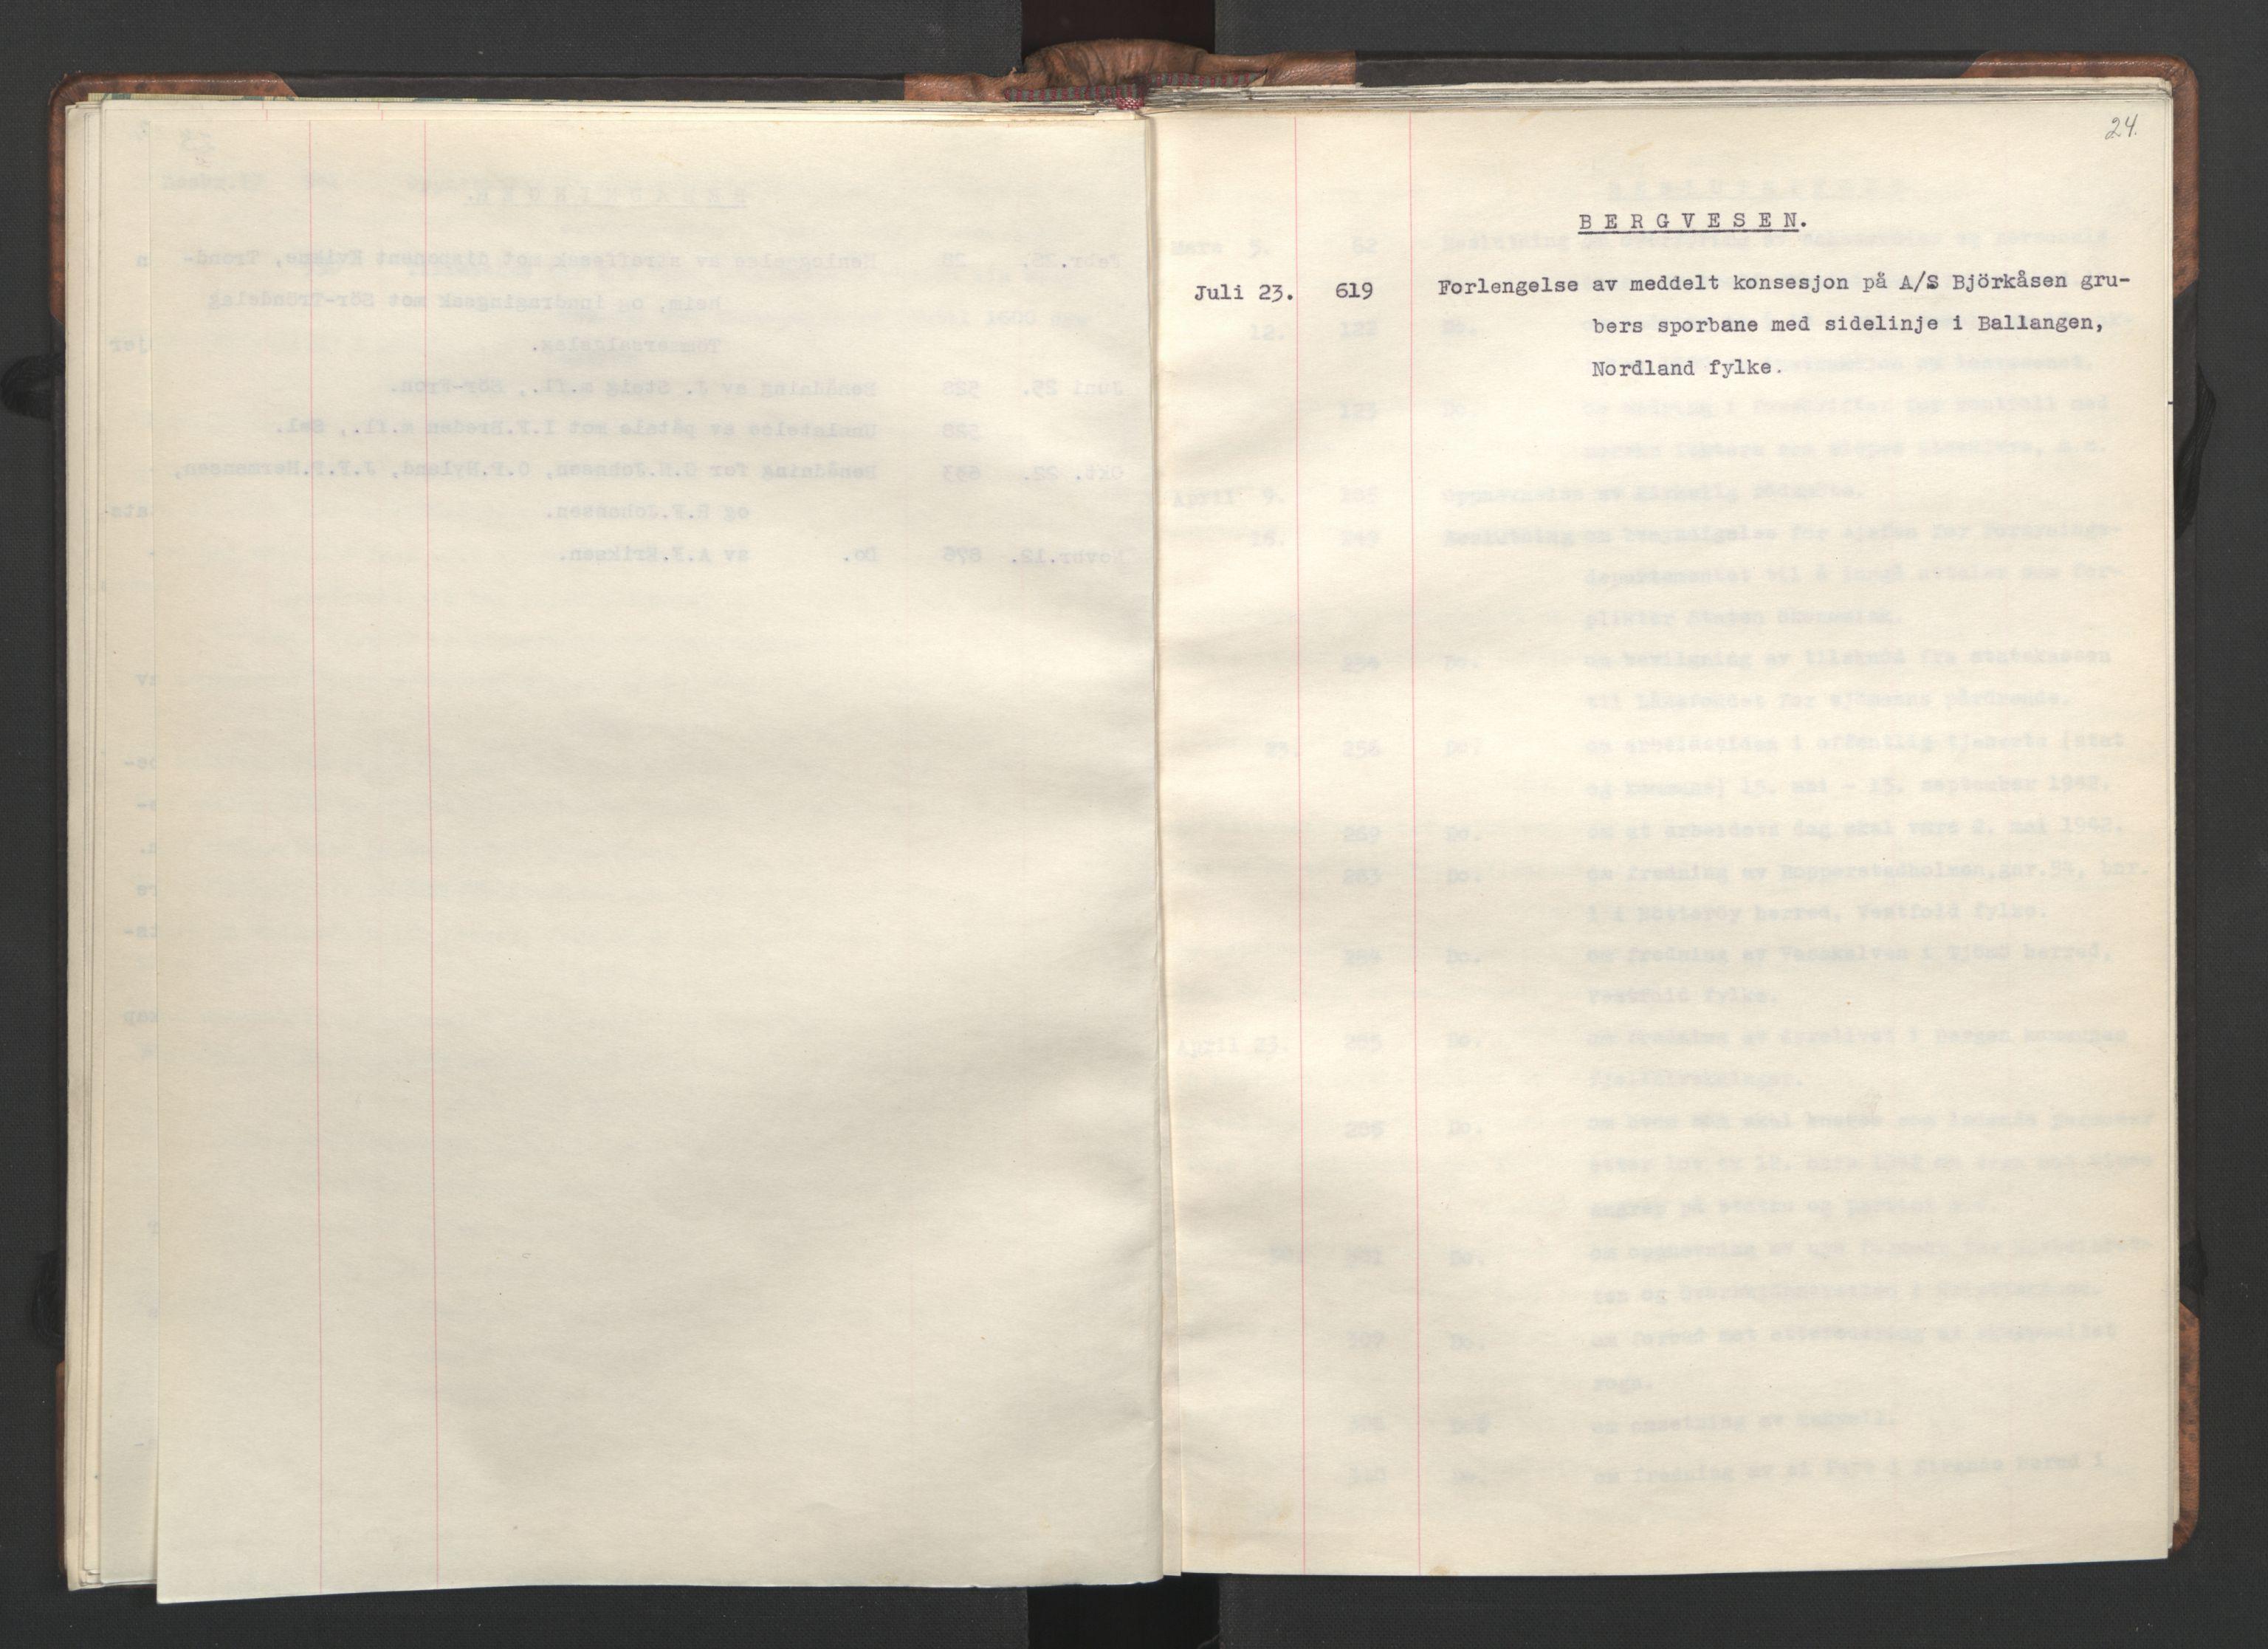 RA, NS-administrasjonen 1940-1945 (Statsrådsekretariatet, de kommisariske statsråder mm), D/Da/L0002: Register (RA j.nr. 985/1943, tilgangsnr. 17/1943), 1942, s. 23b-24a